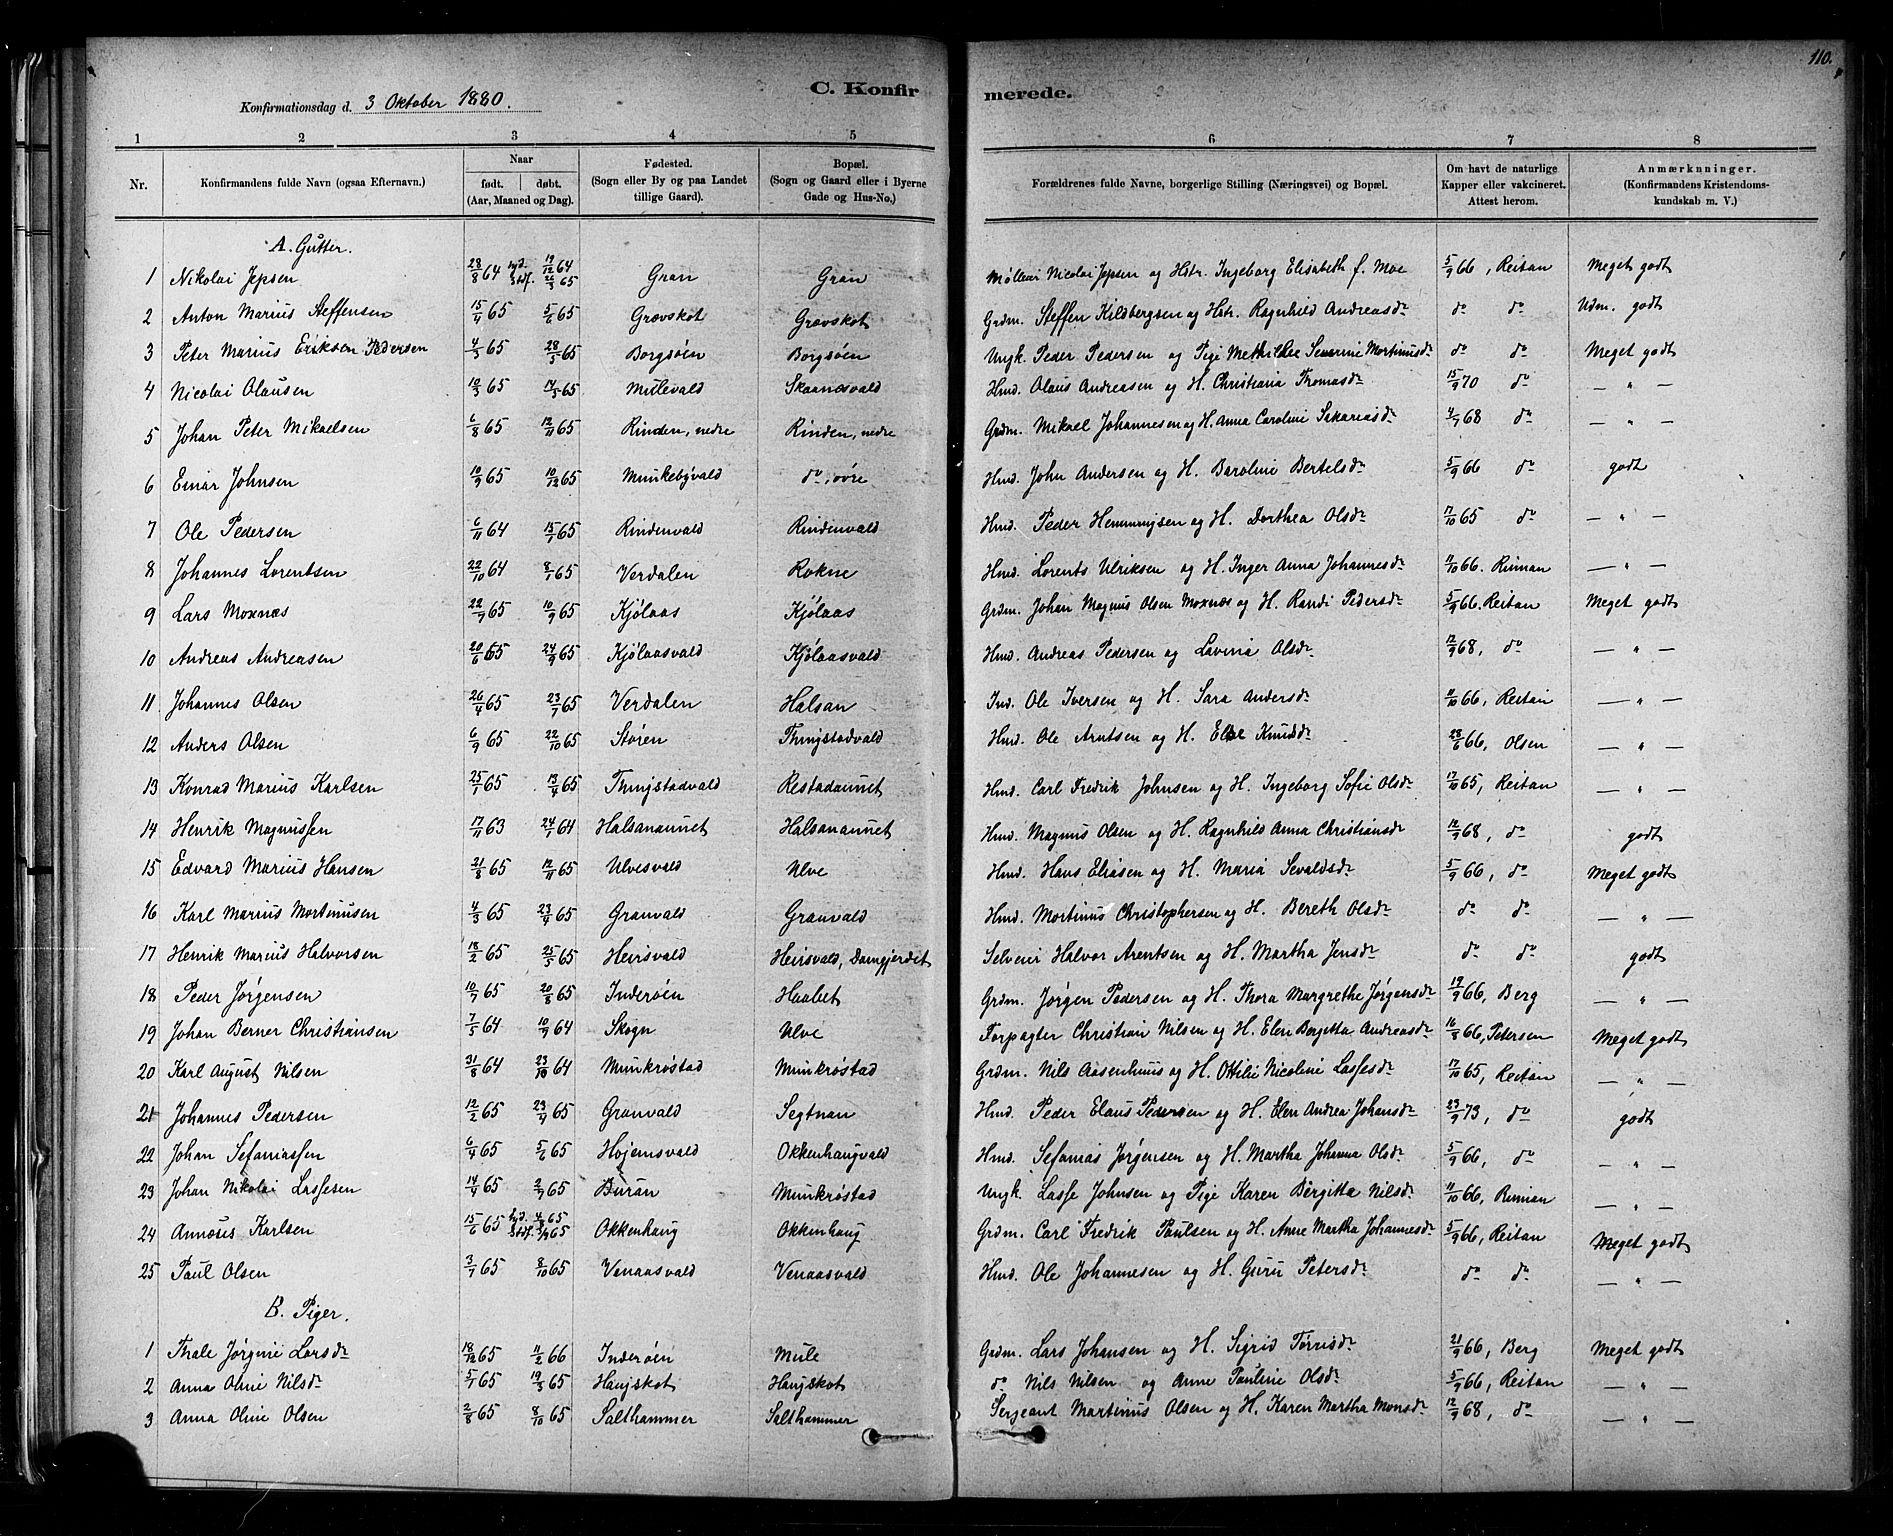 SAT, Ministerialprotokoller, klokkerbøker og fødselsregistre - Nord-Trøndelag, 721/L0208: Klokkerbok nr. 721C01, 1880-1917, s. 110